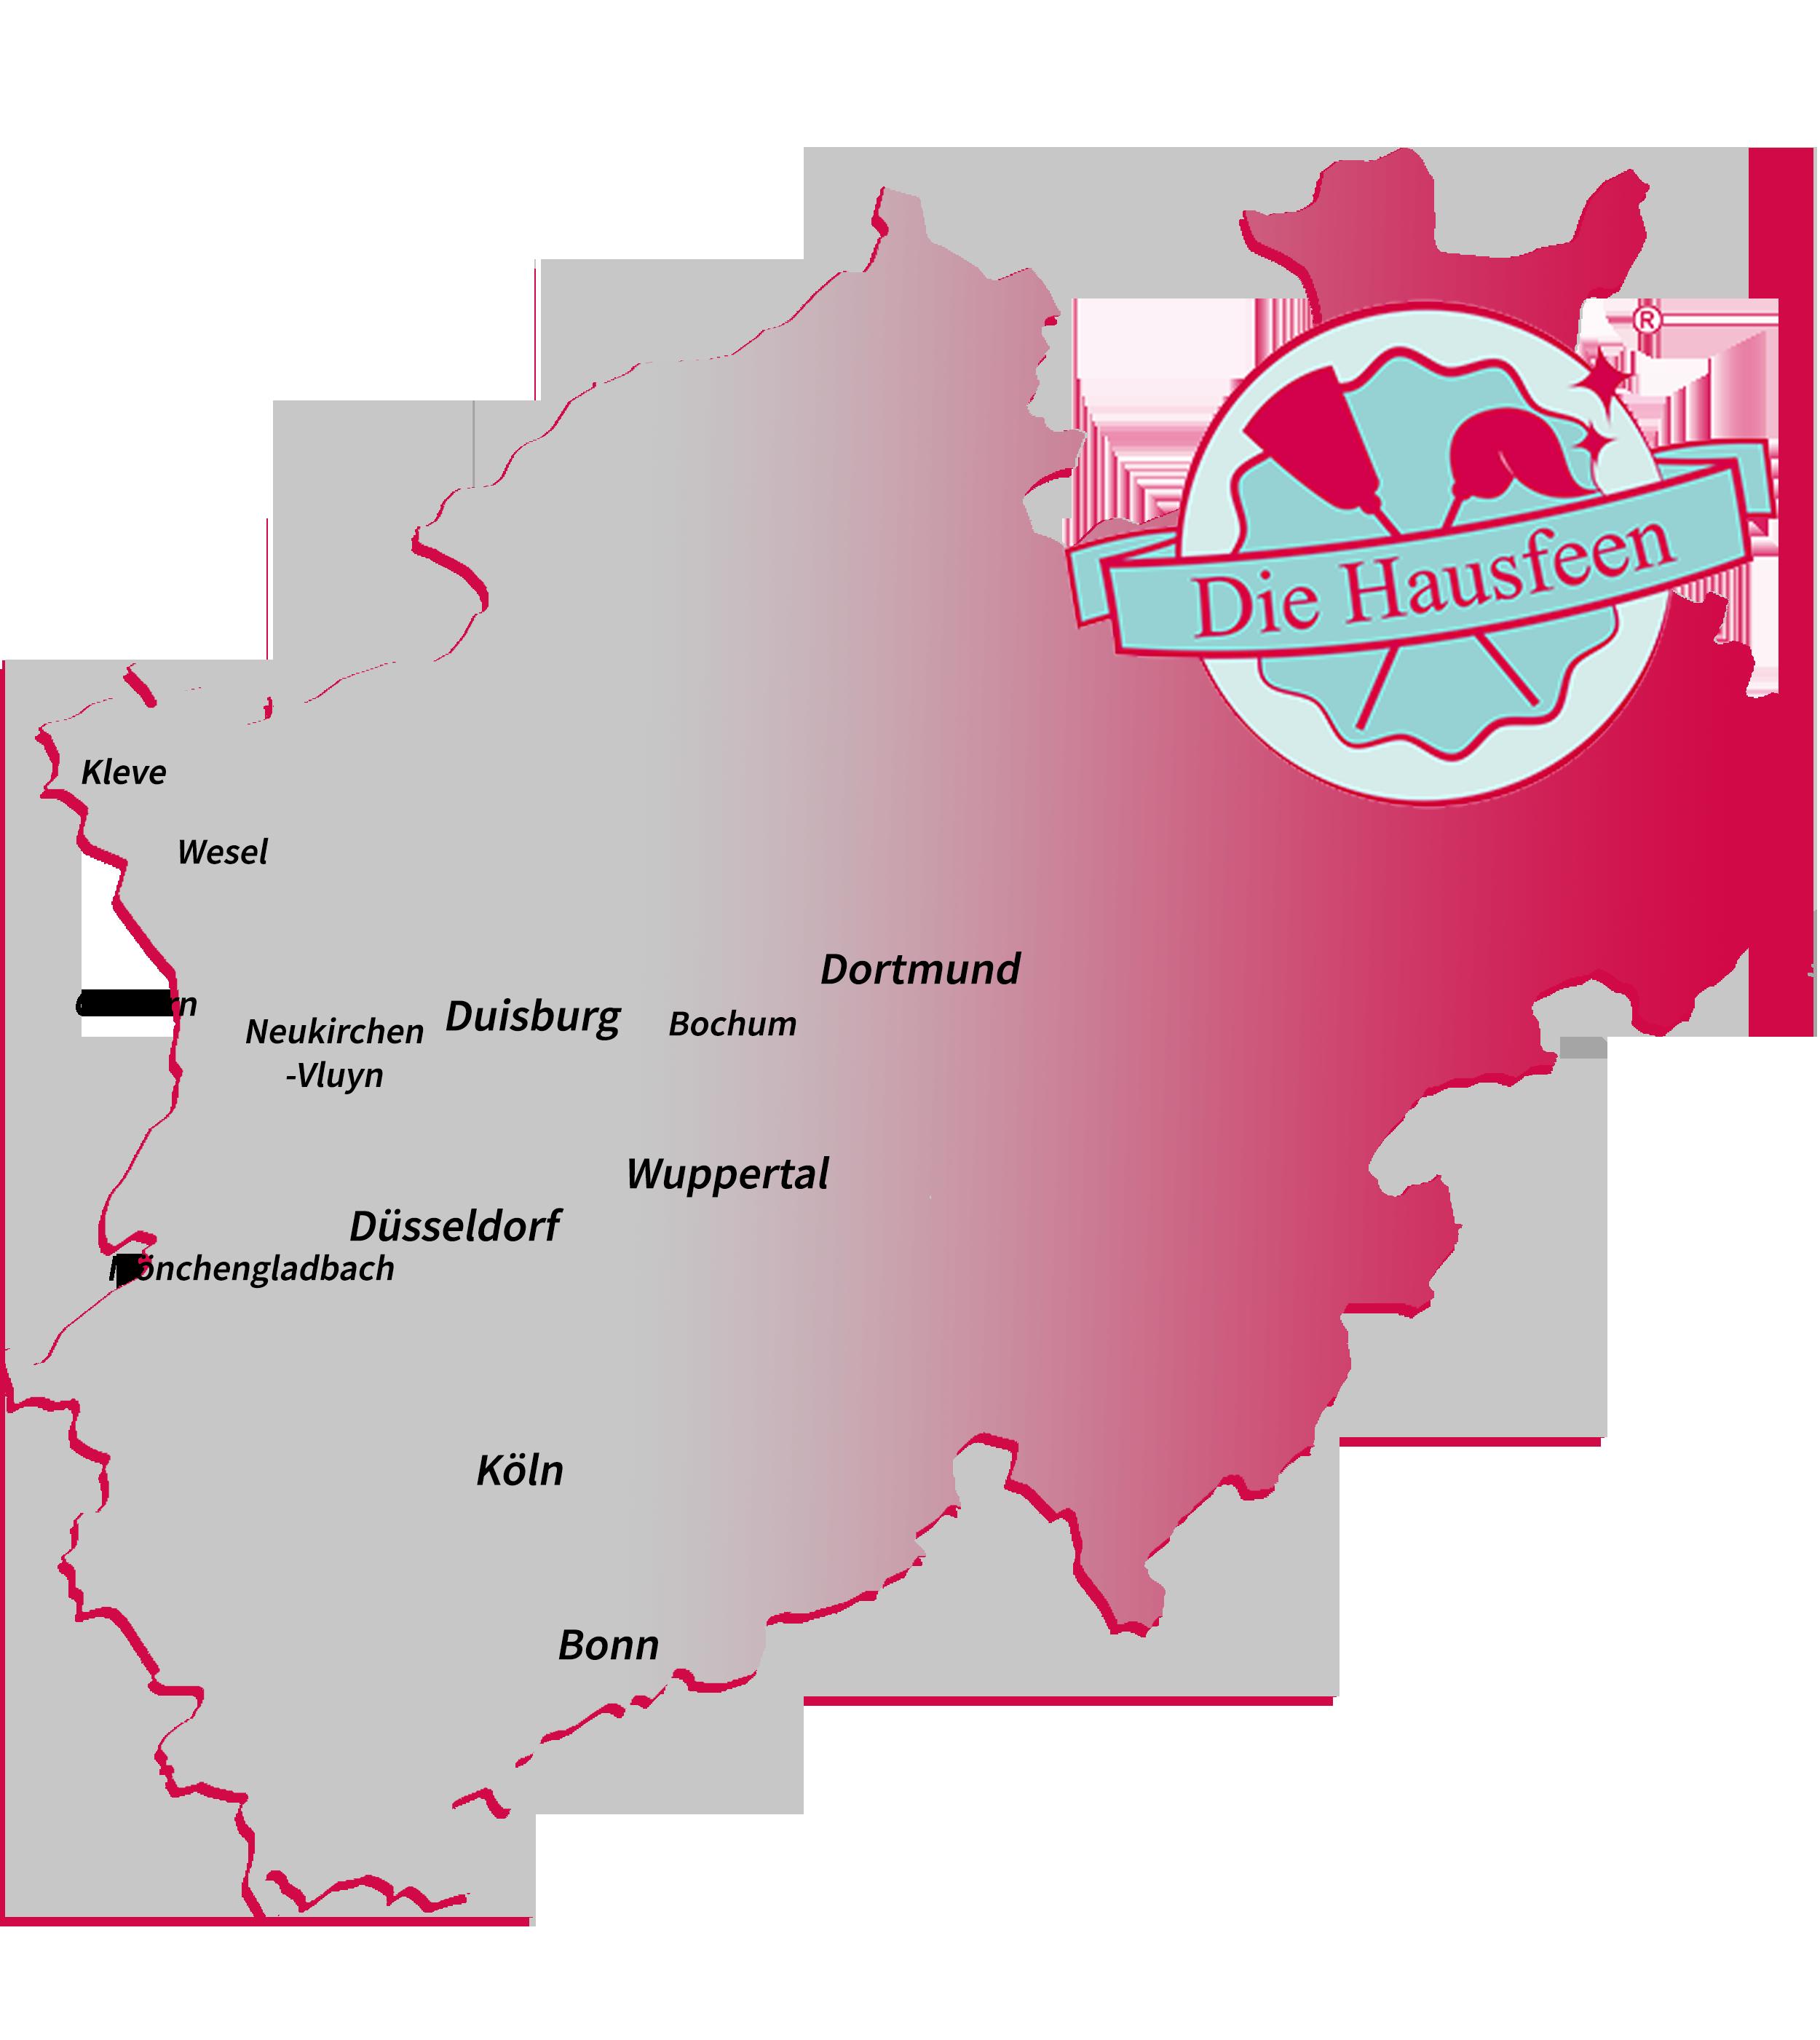 Die Hausfeen Einsatzort NRW Karte